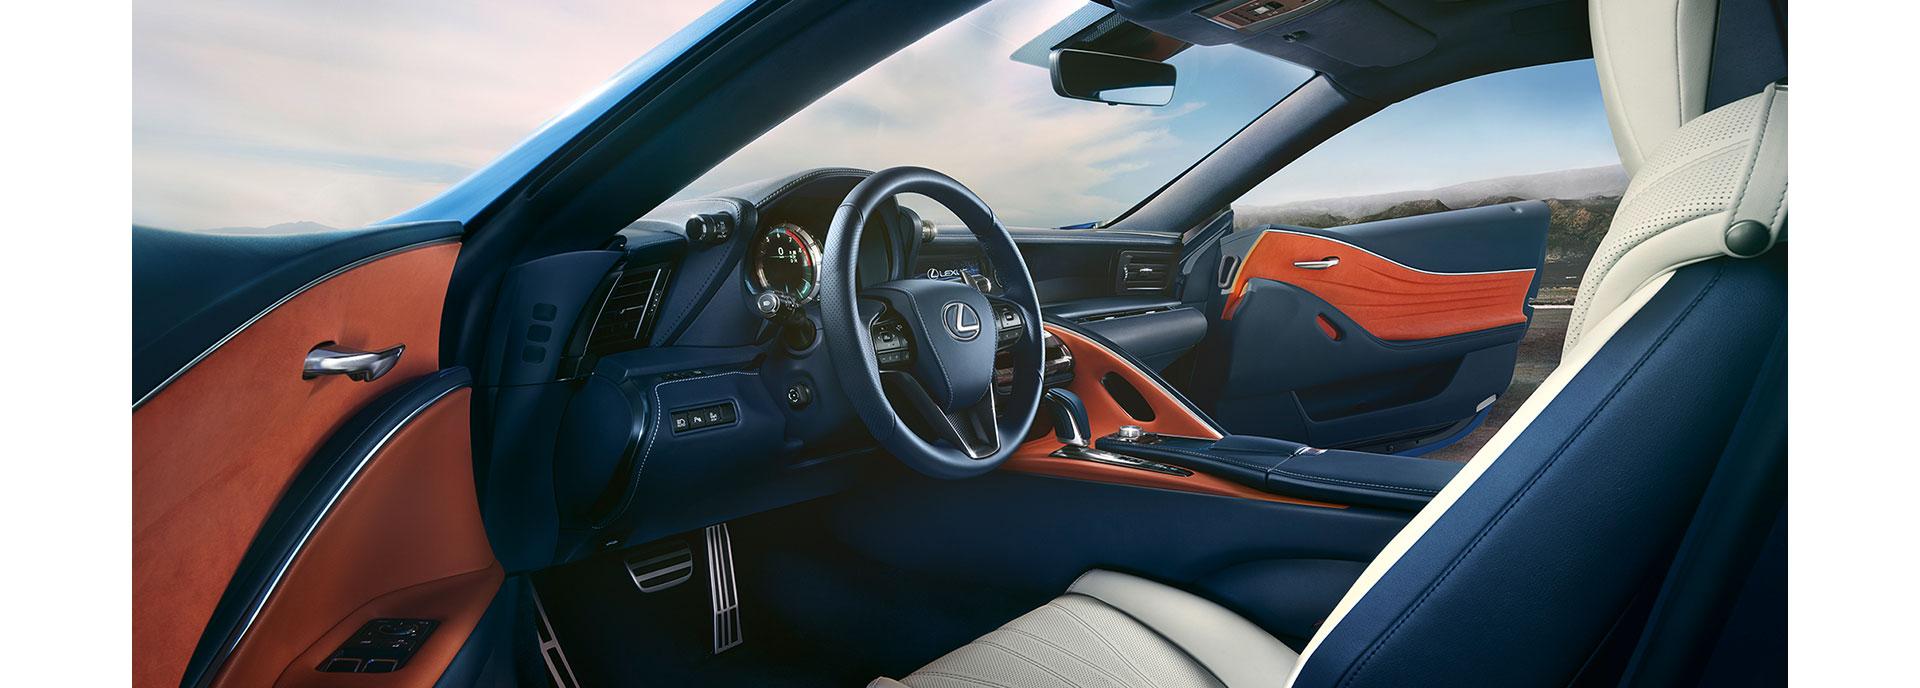 2017 Lexus LC 500h Interior Design